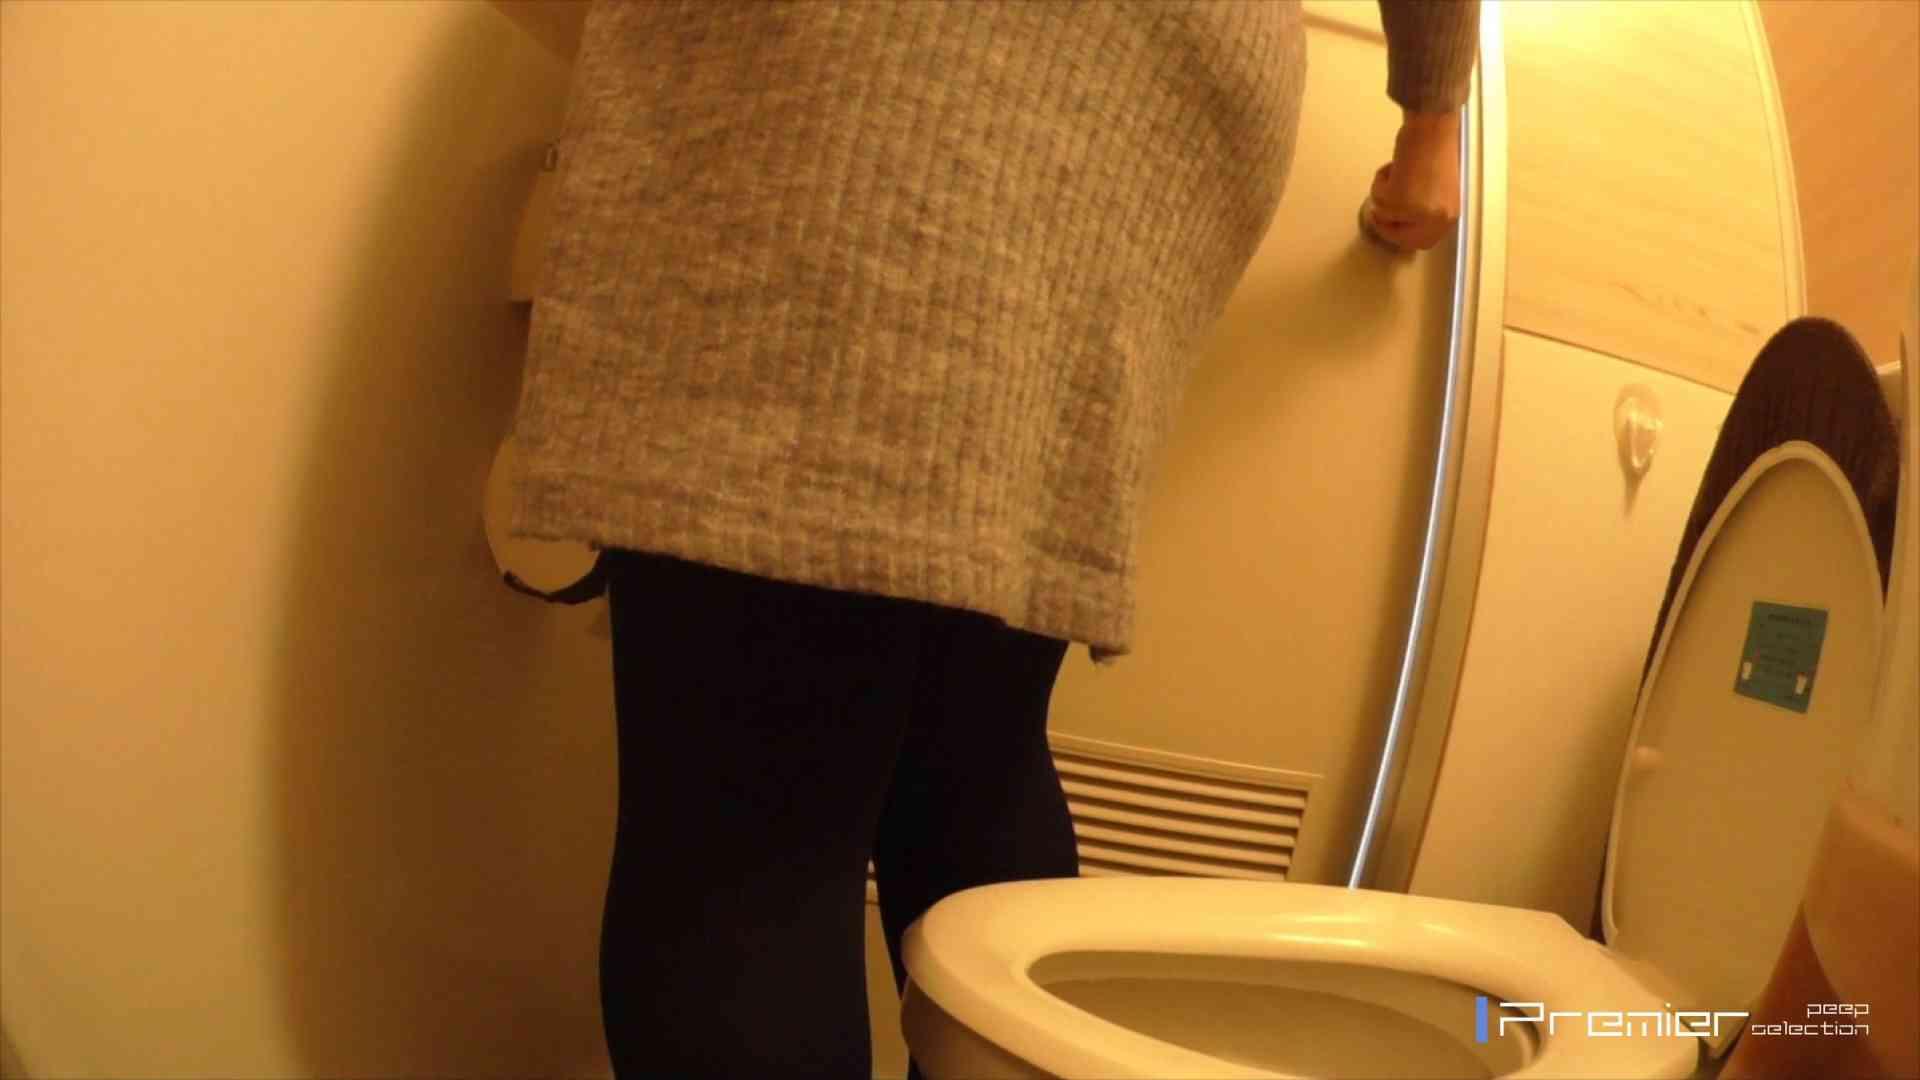 ▲2017_09位▲ 某格安温泉地宿泊施設トイレ盗撮 Vol.03 女子トイレ エロ画像 113枚